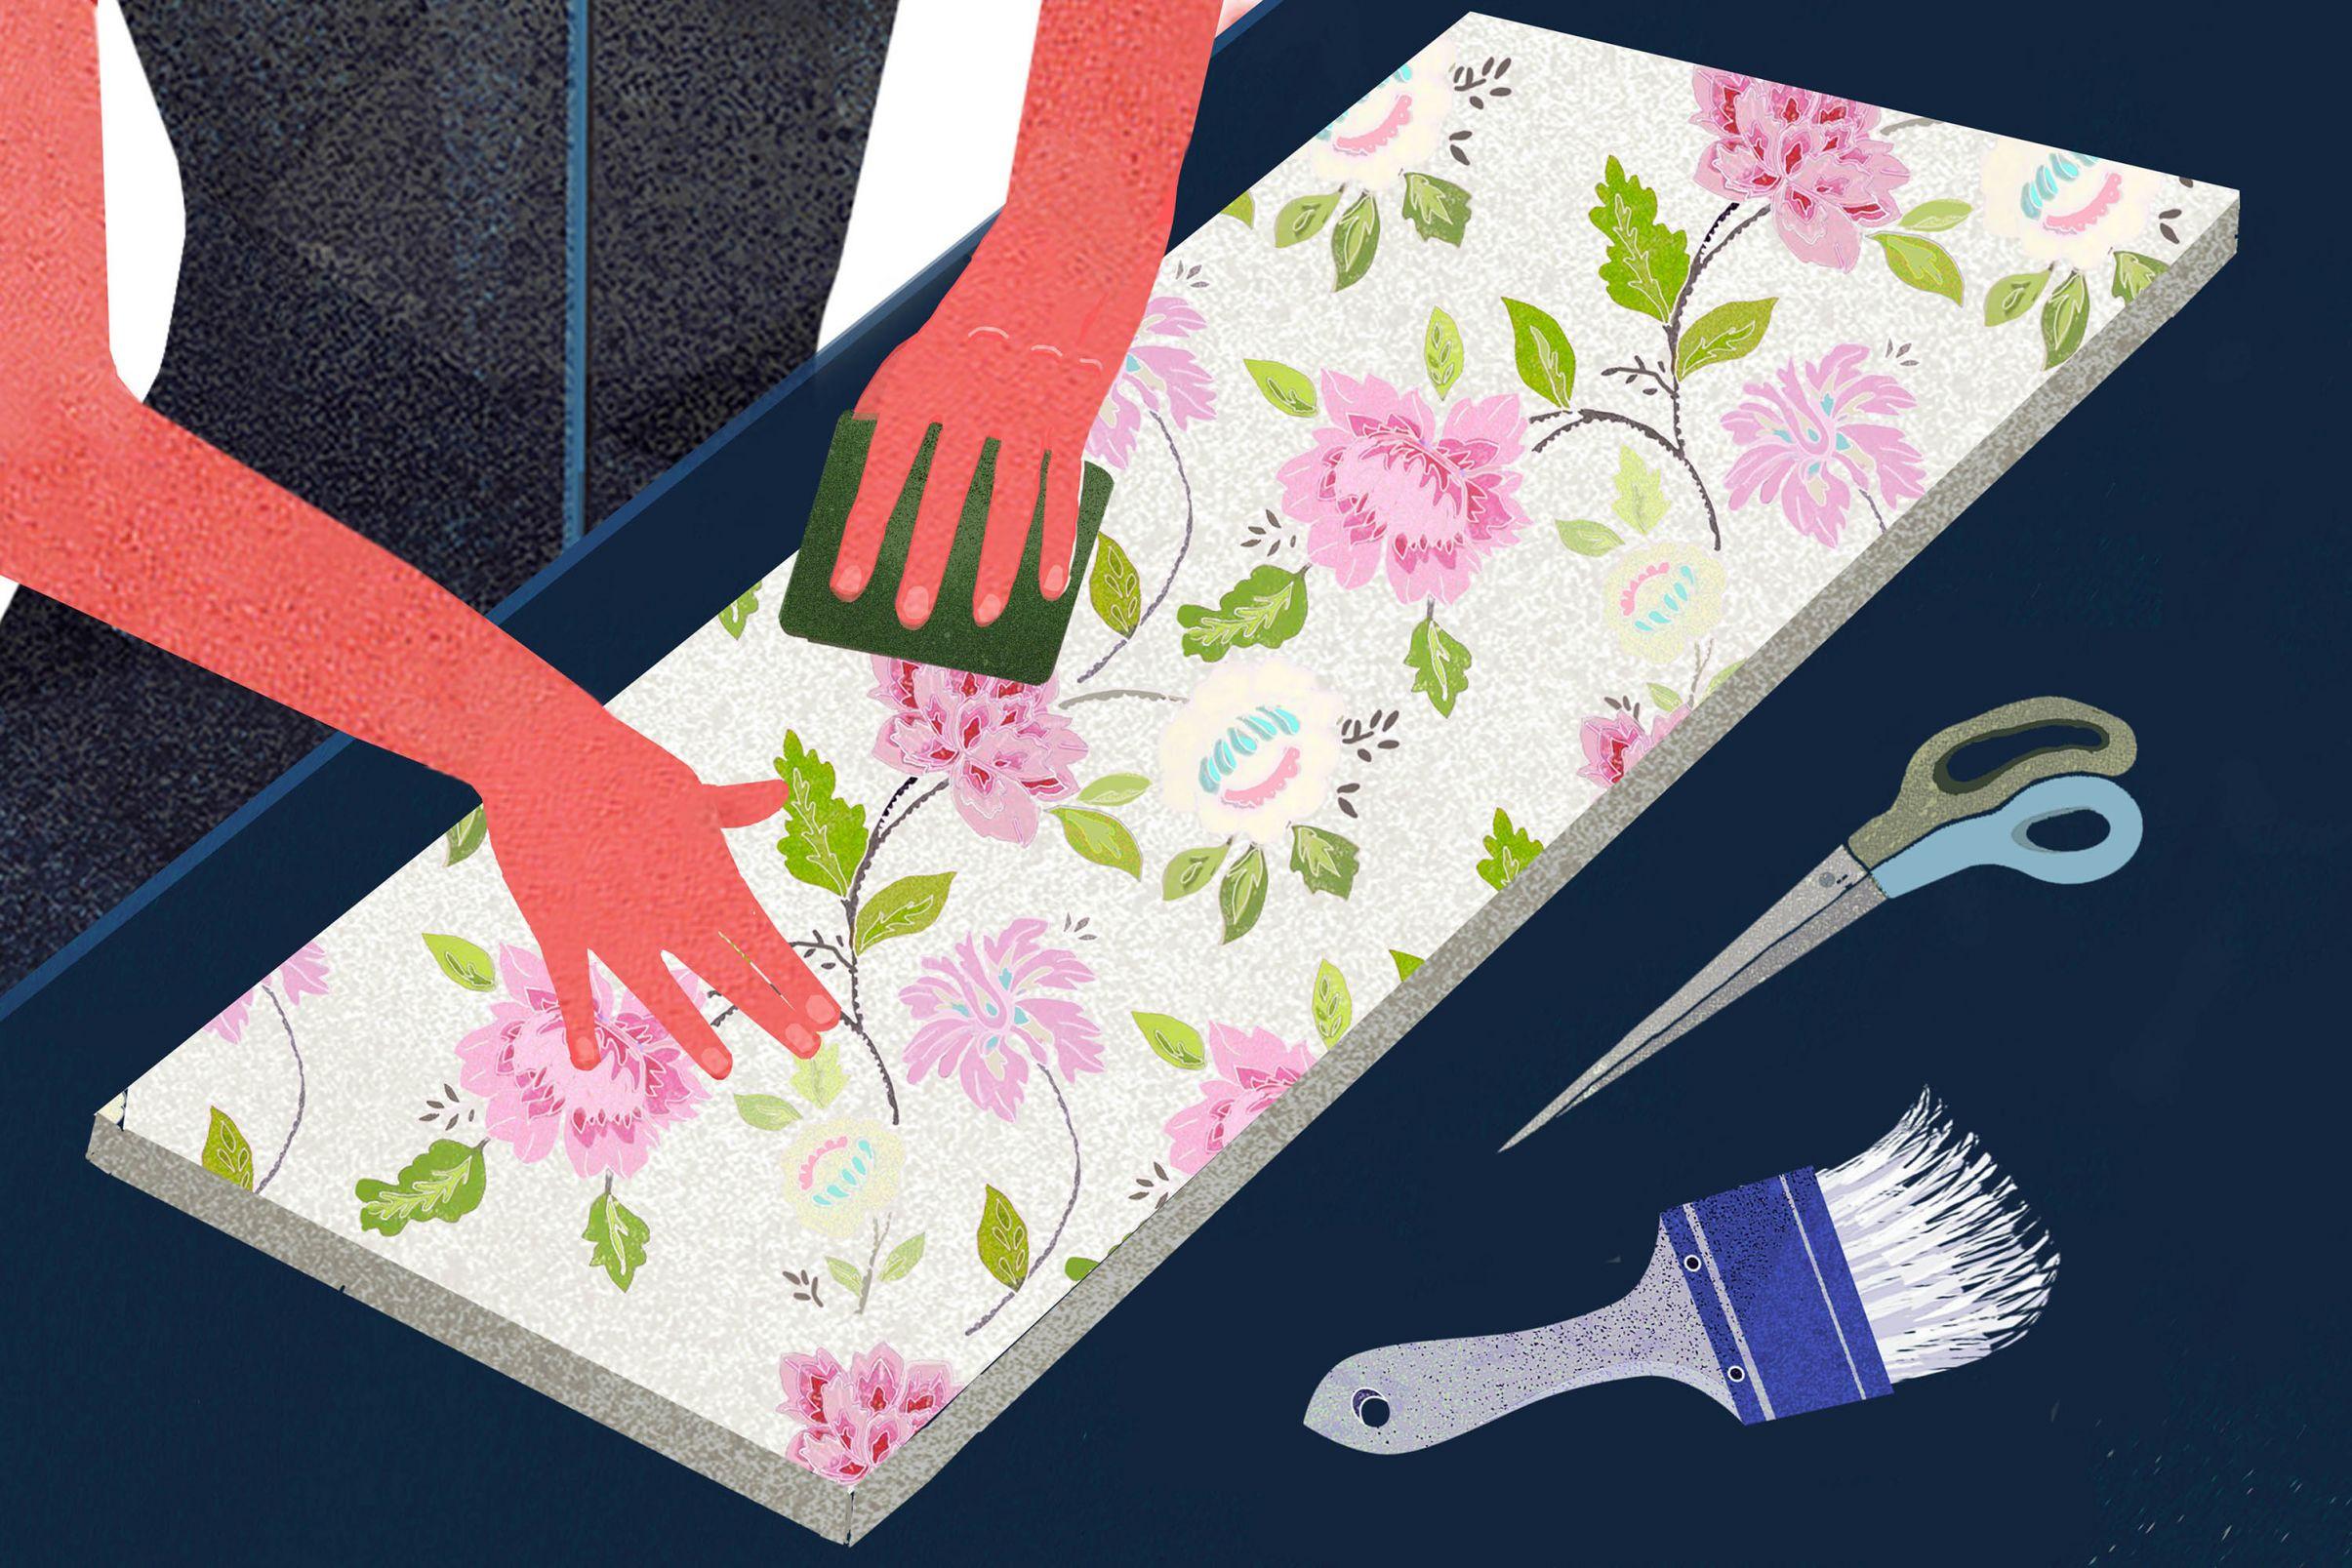 Como-decorar-muebles-con-papel-pintado-Cortar-previamente-el-papel-y-despues-aplicar